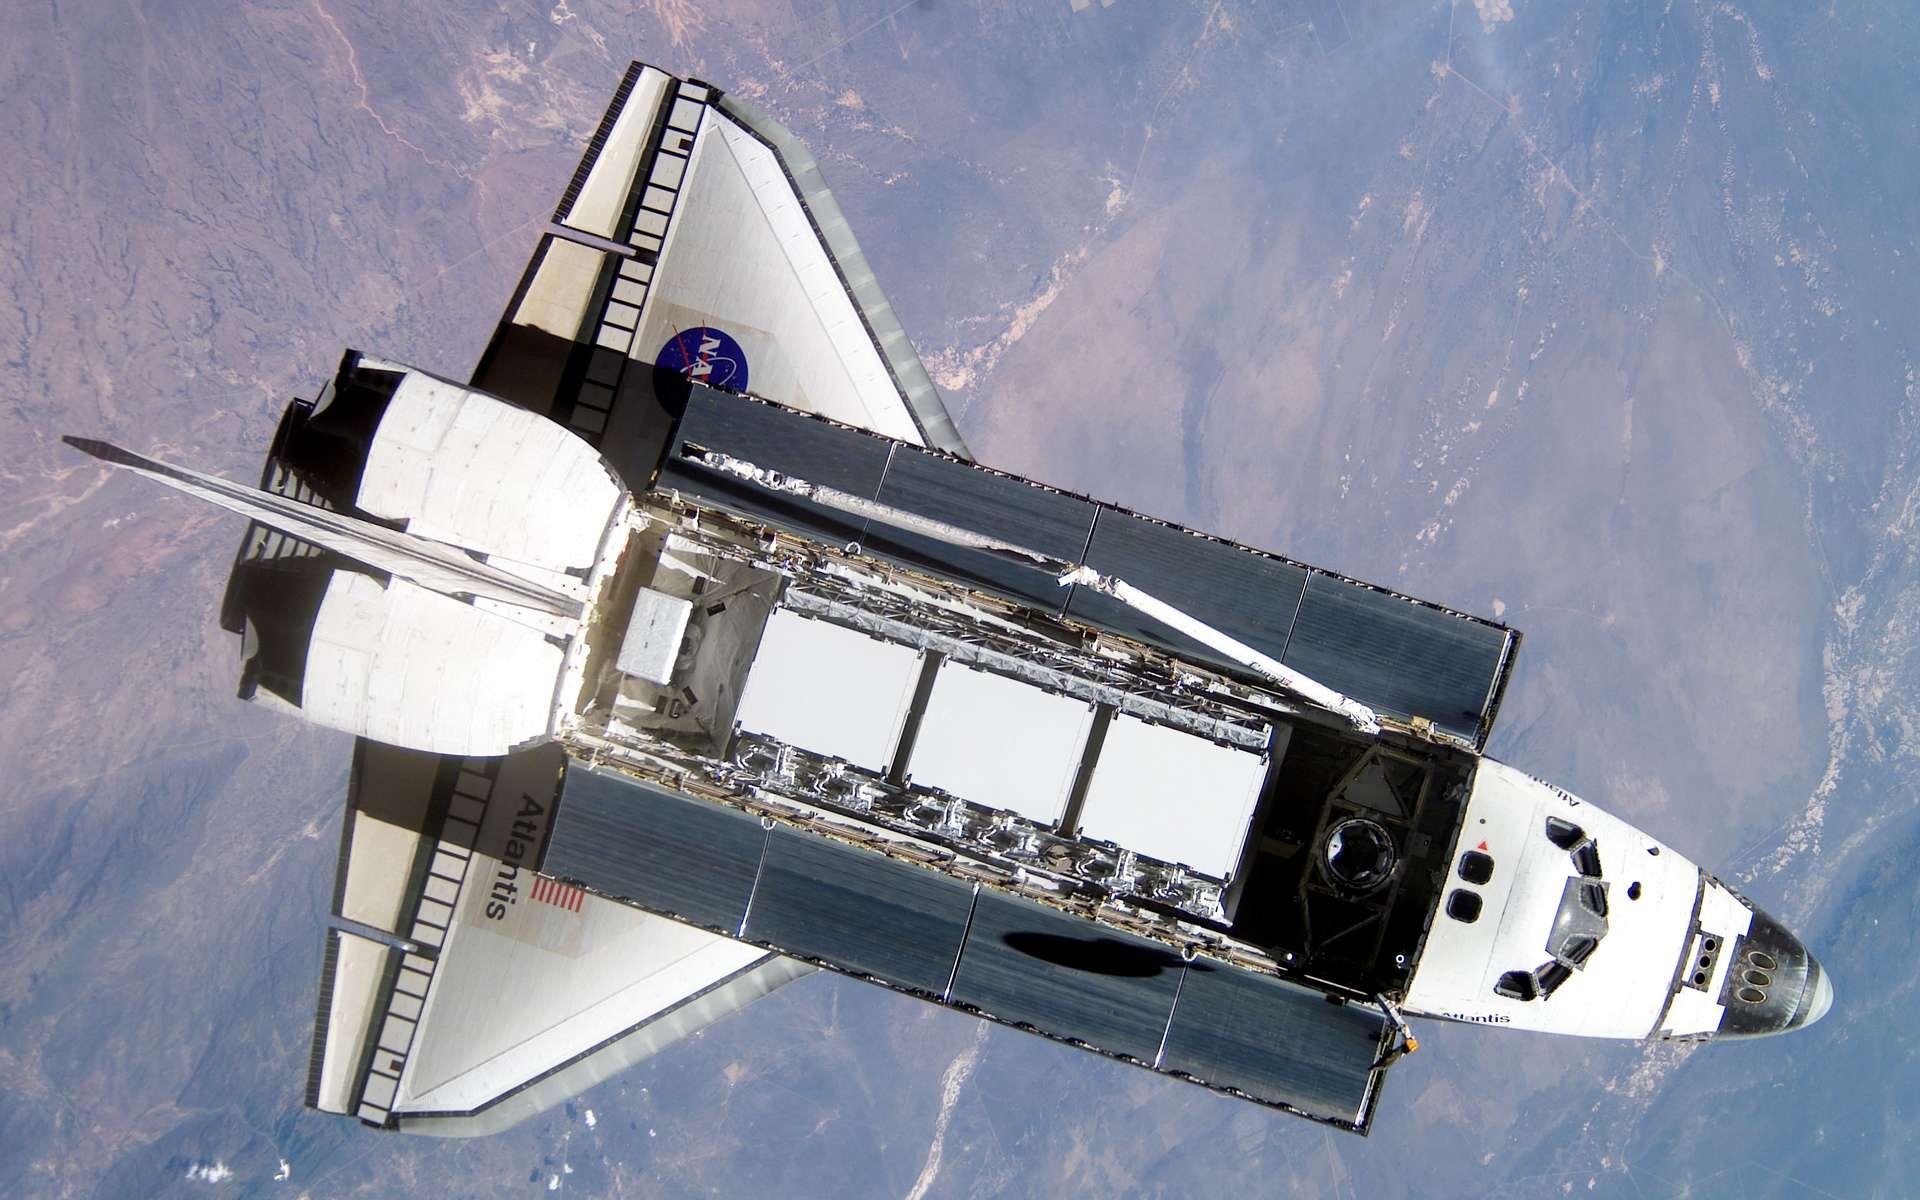 Les souris présentées dans cette étude avaient passé 13 jours dans l'espace, en 2011, à bord de la navette spatiale Atlantis, ici en photo en orbite autour de la Terre. © Nasa